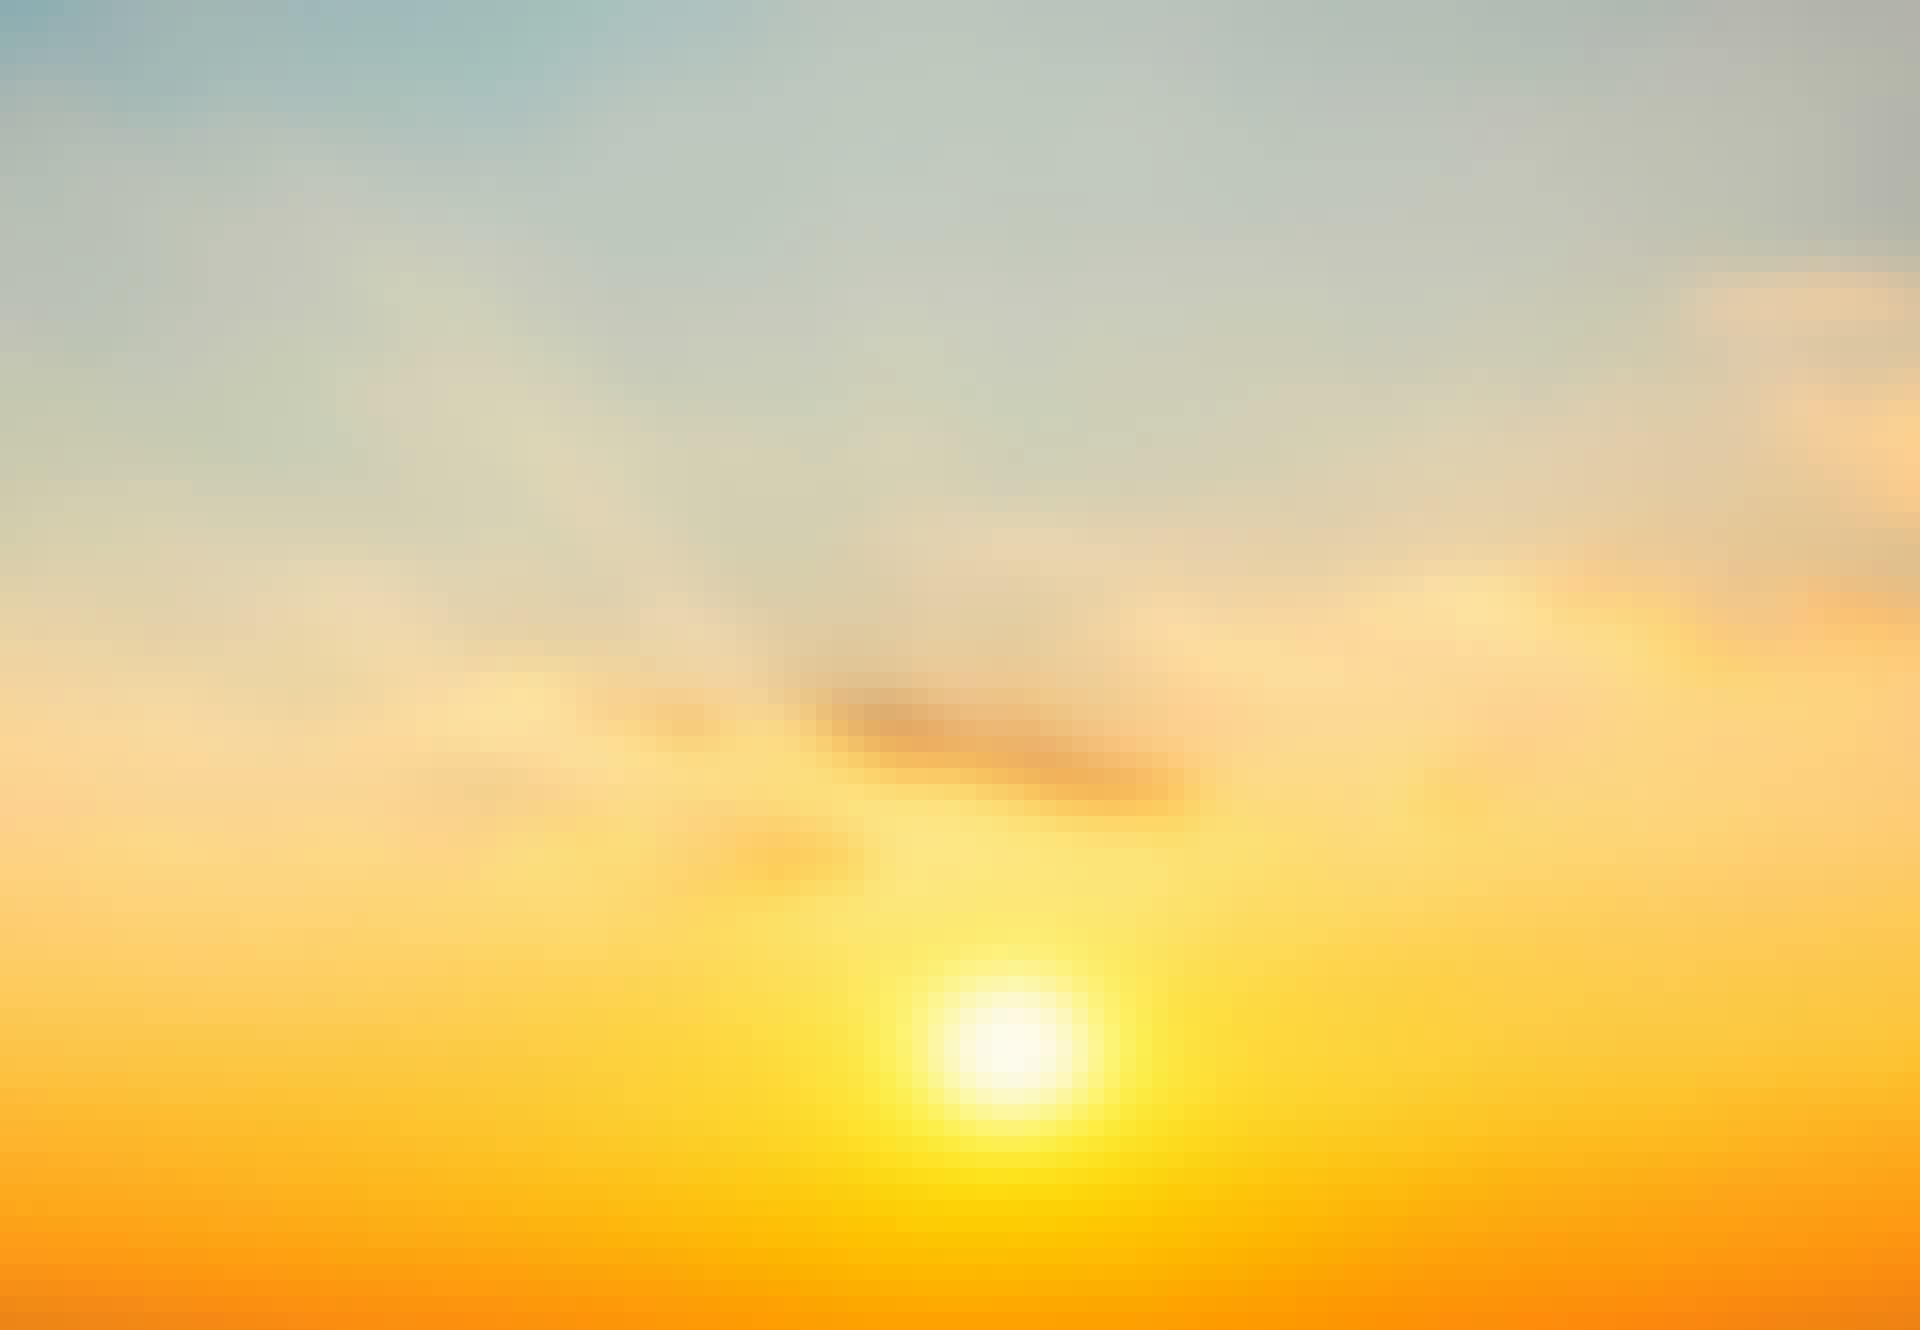 Zomerzonnewende - de langste dag van het jaar